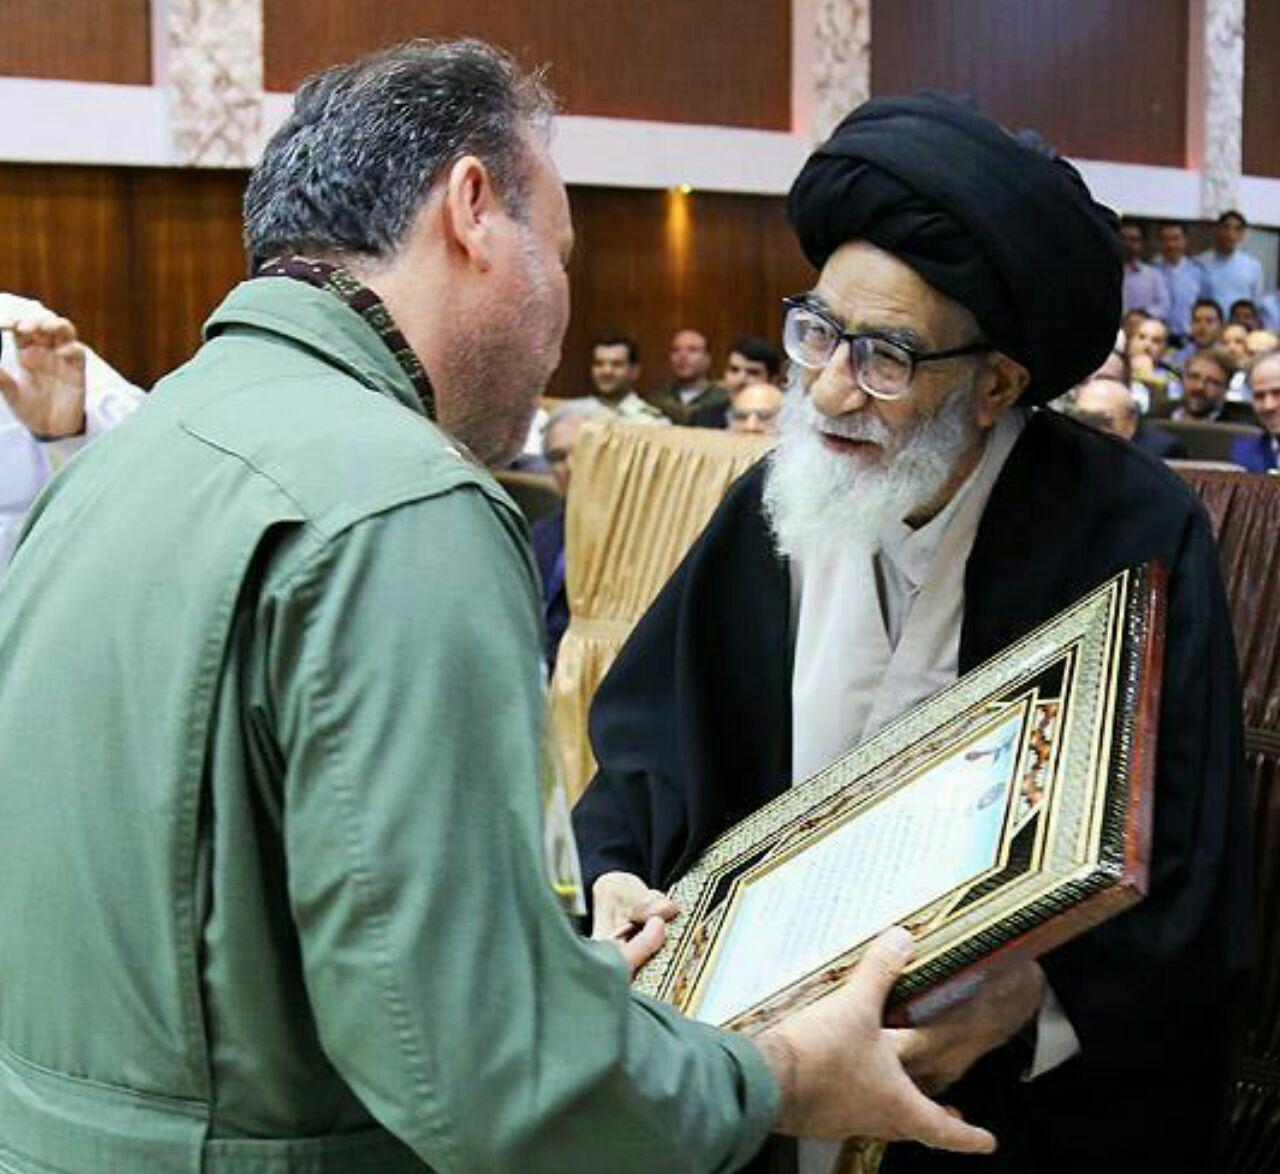 انتصاب یک قاضی جهانی (امیر سرتیپ دوم خلبان سید جاوید هاشمی)به عنوان فرمانده جدید پایگاه هوایی شهید فکوری